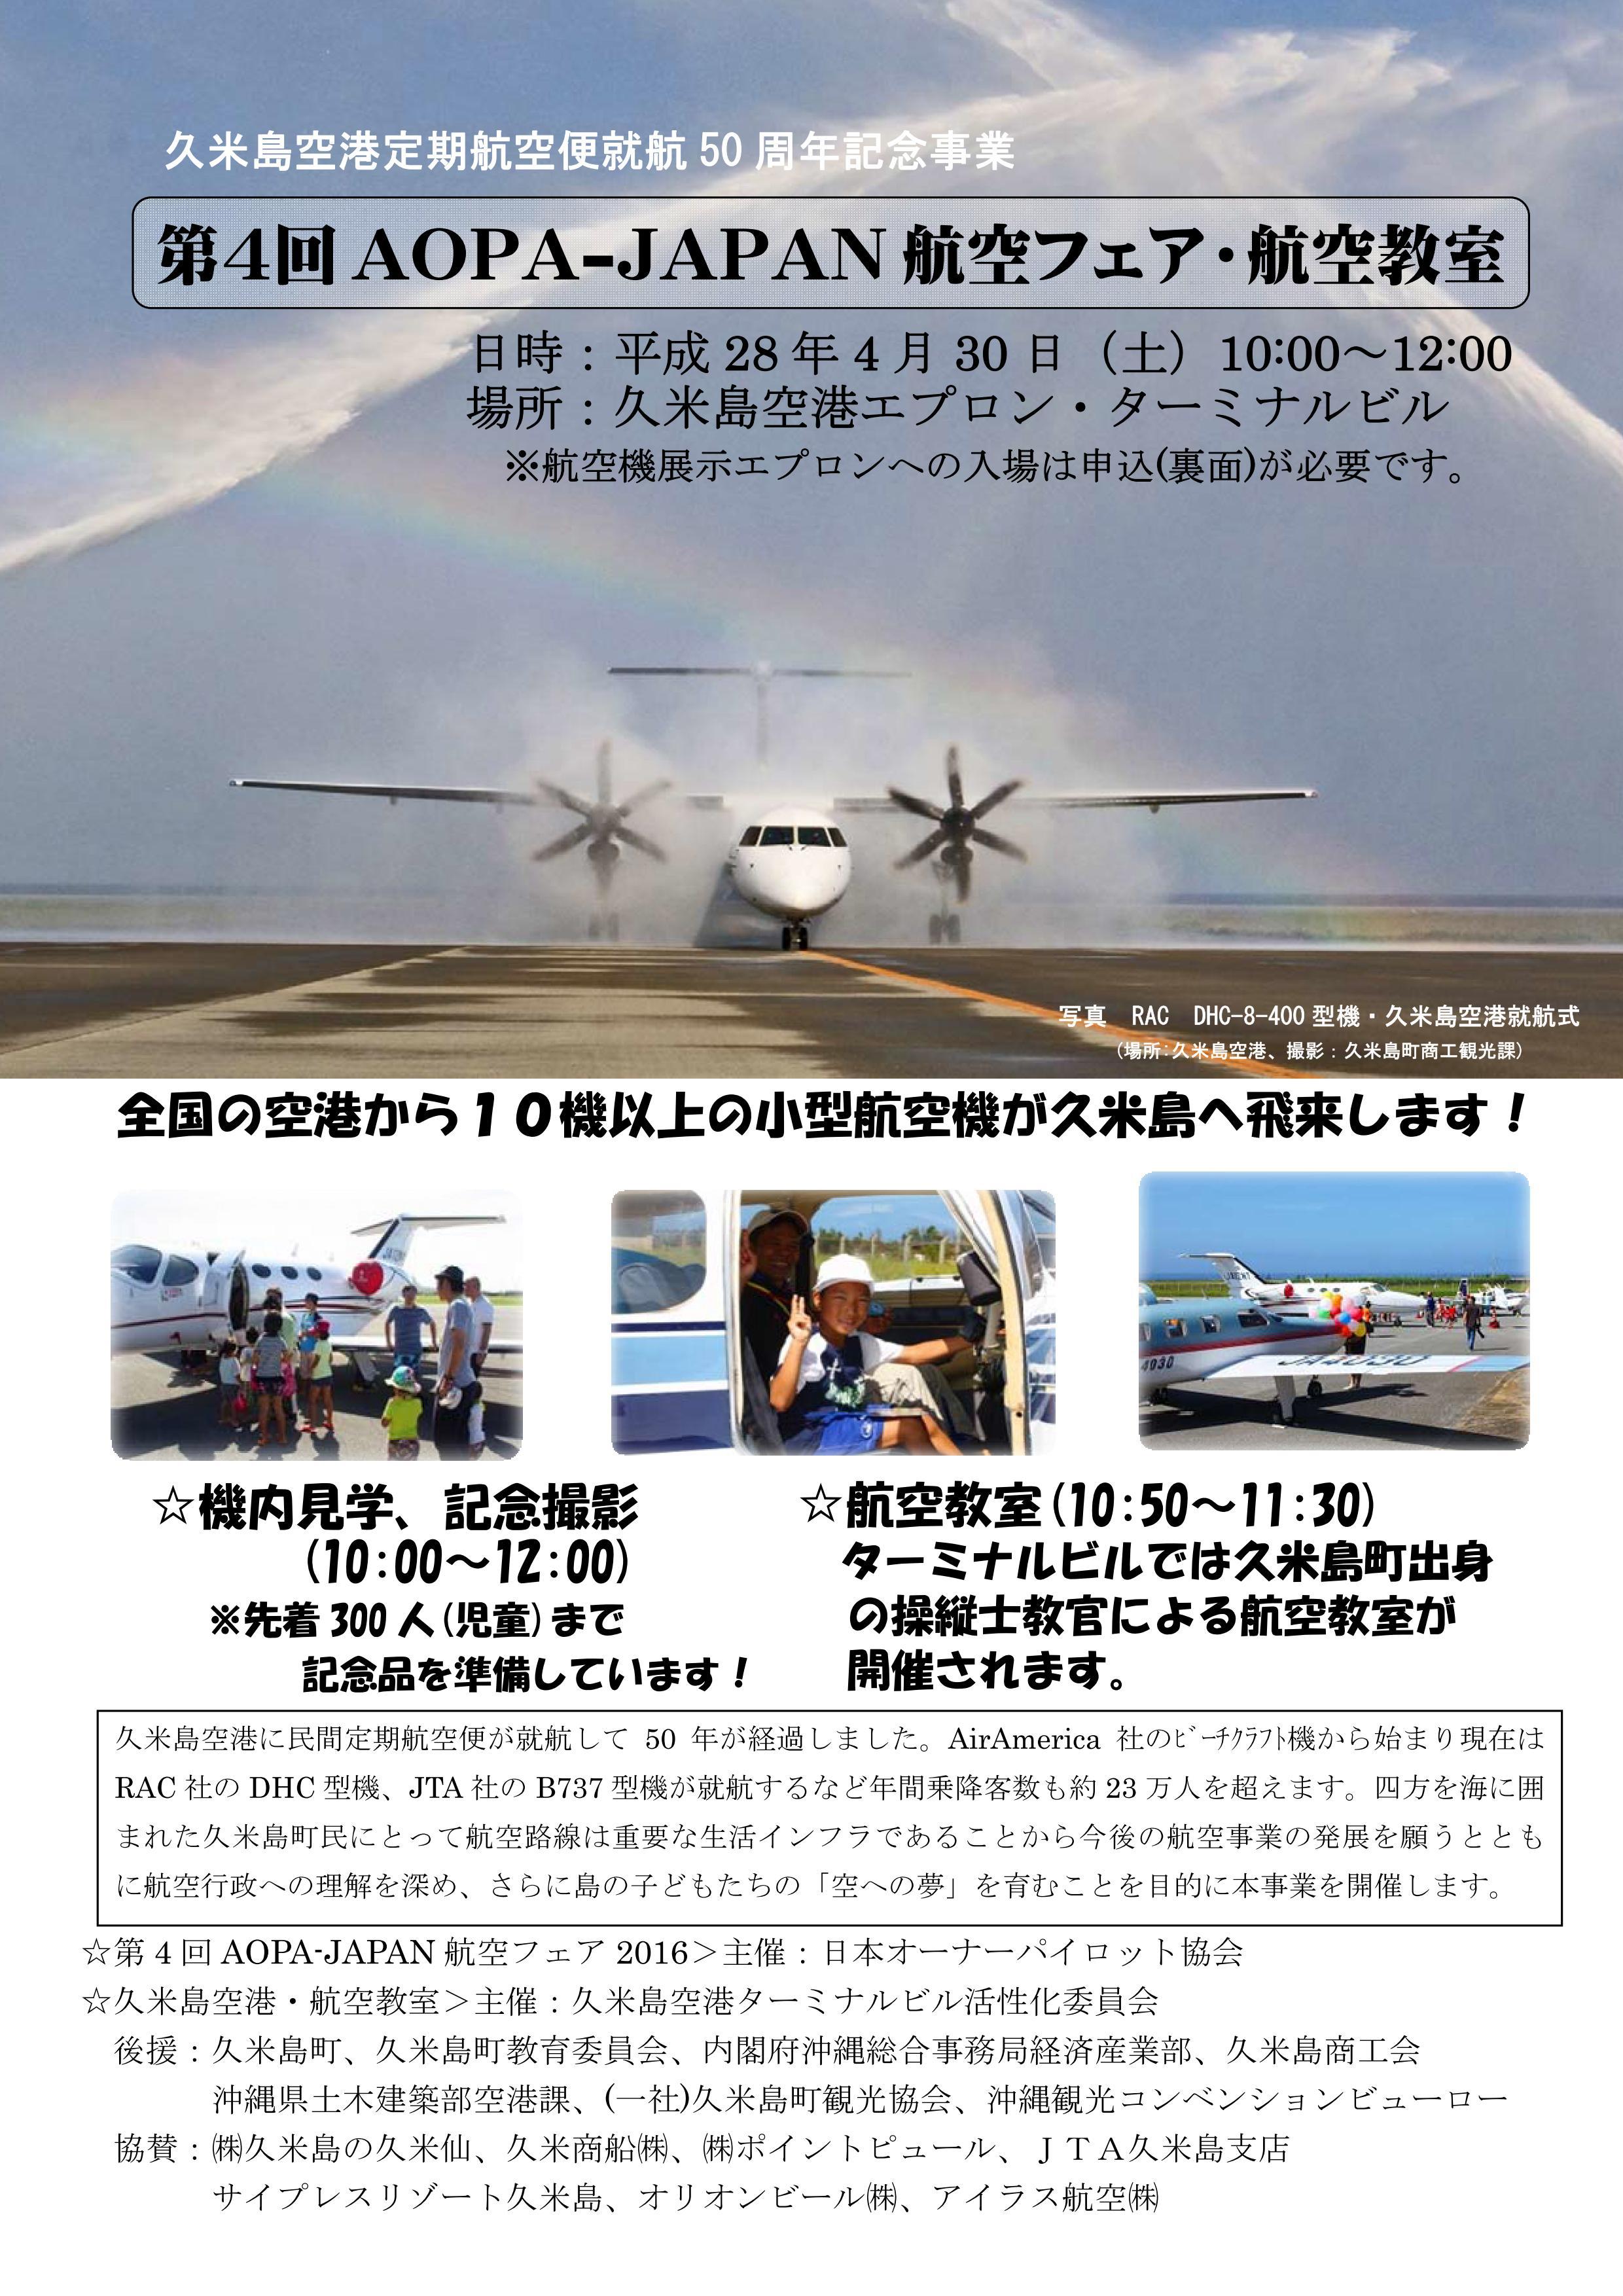 第4回 AOPA-JAPAN航空フェアチラシ